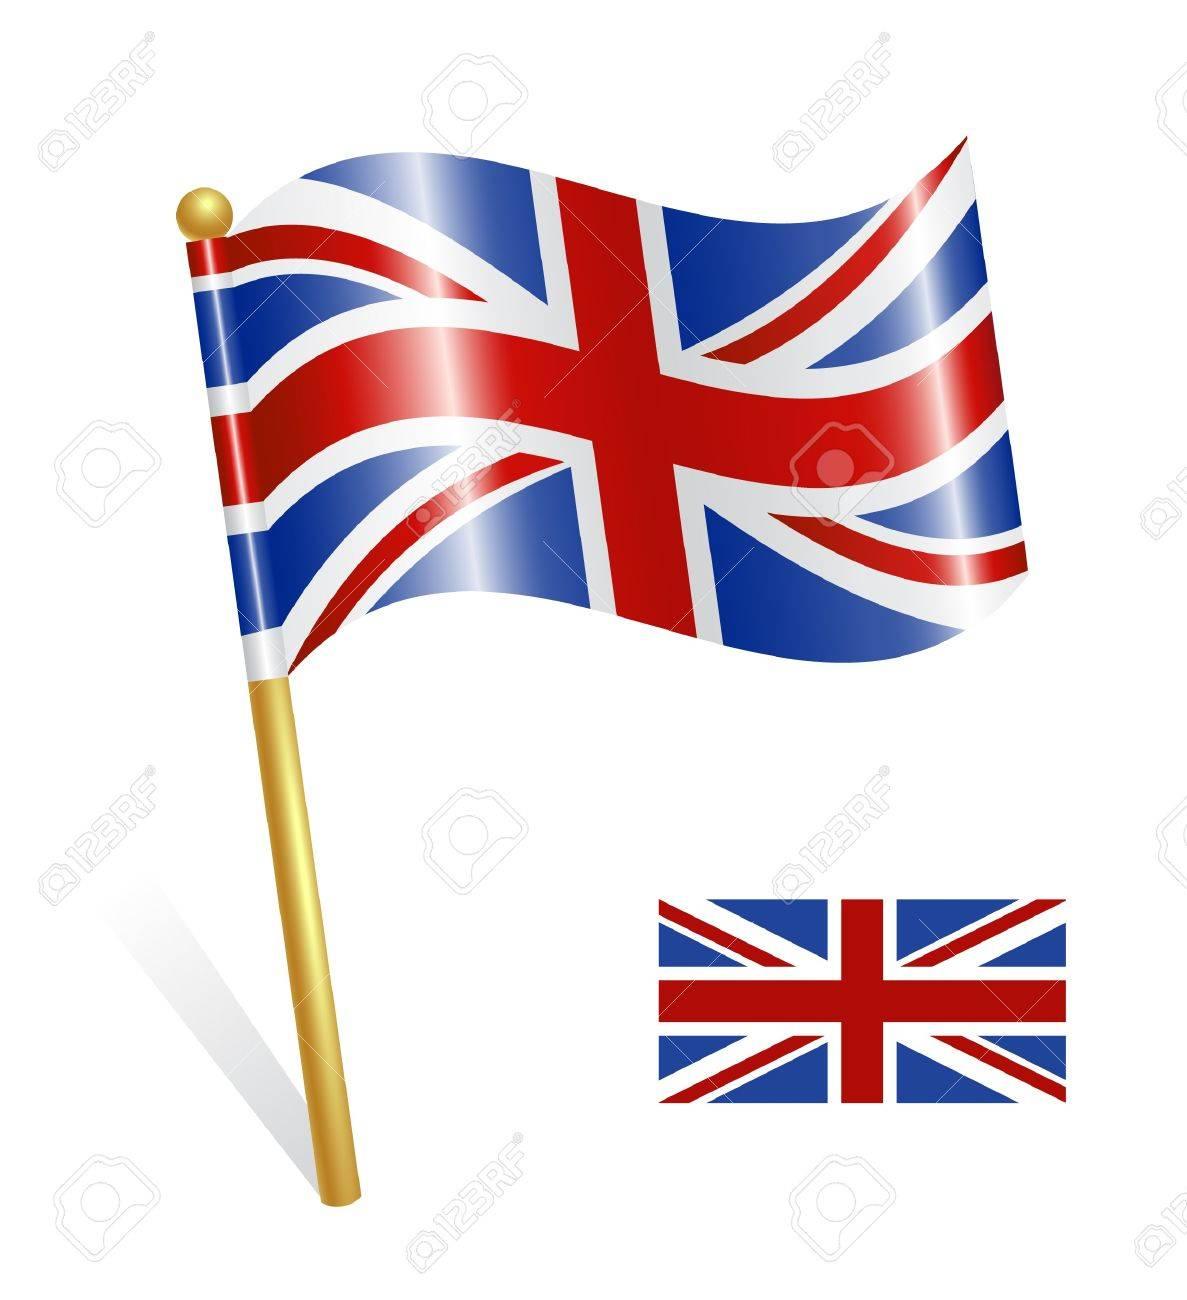 País Bandera Del Reino Unido Ilustraciones Vectoriales Clip Art